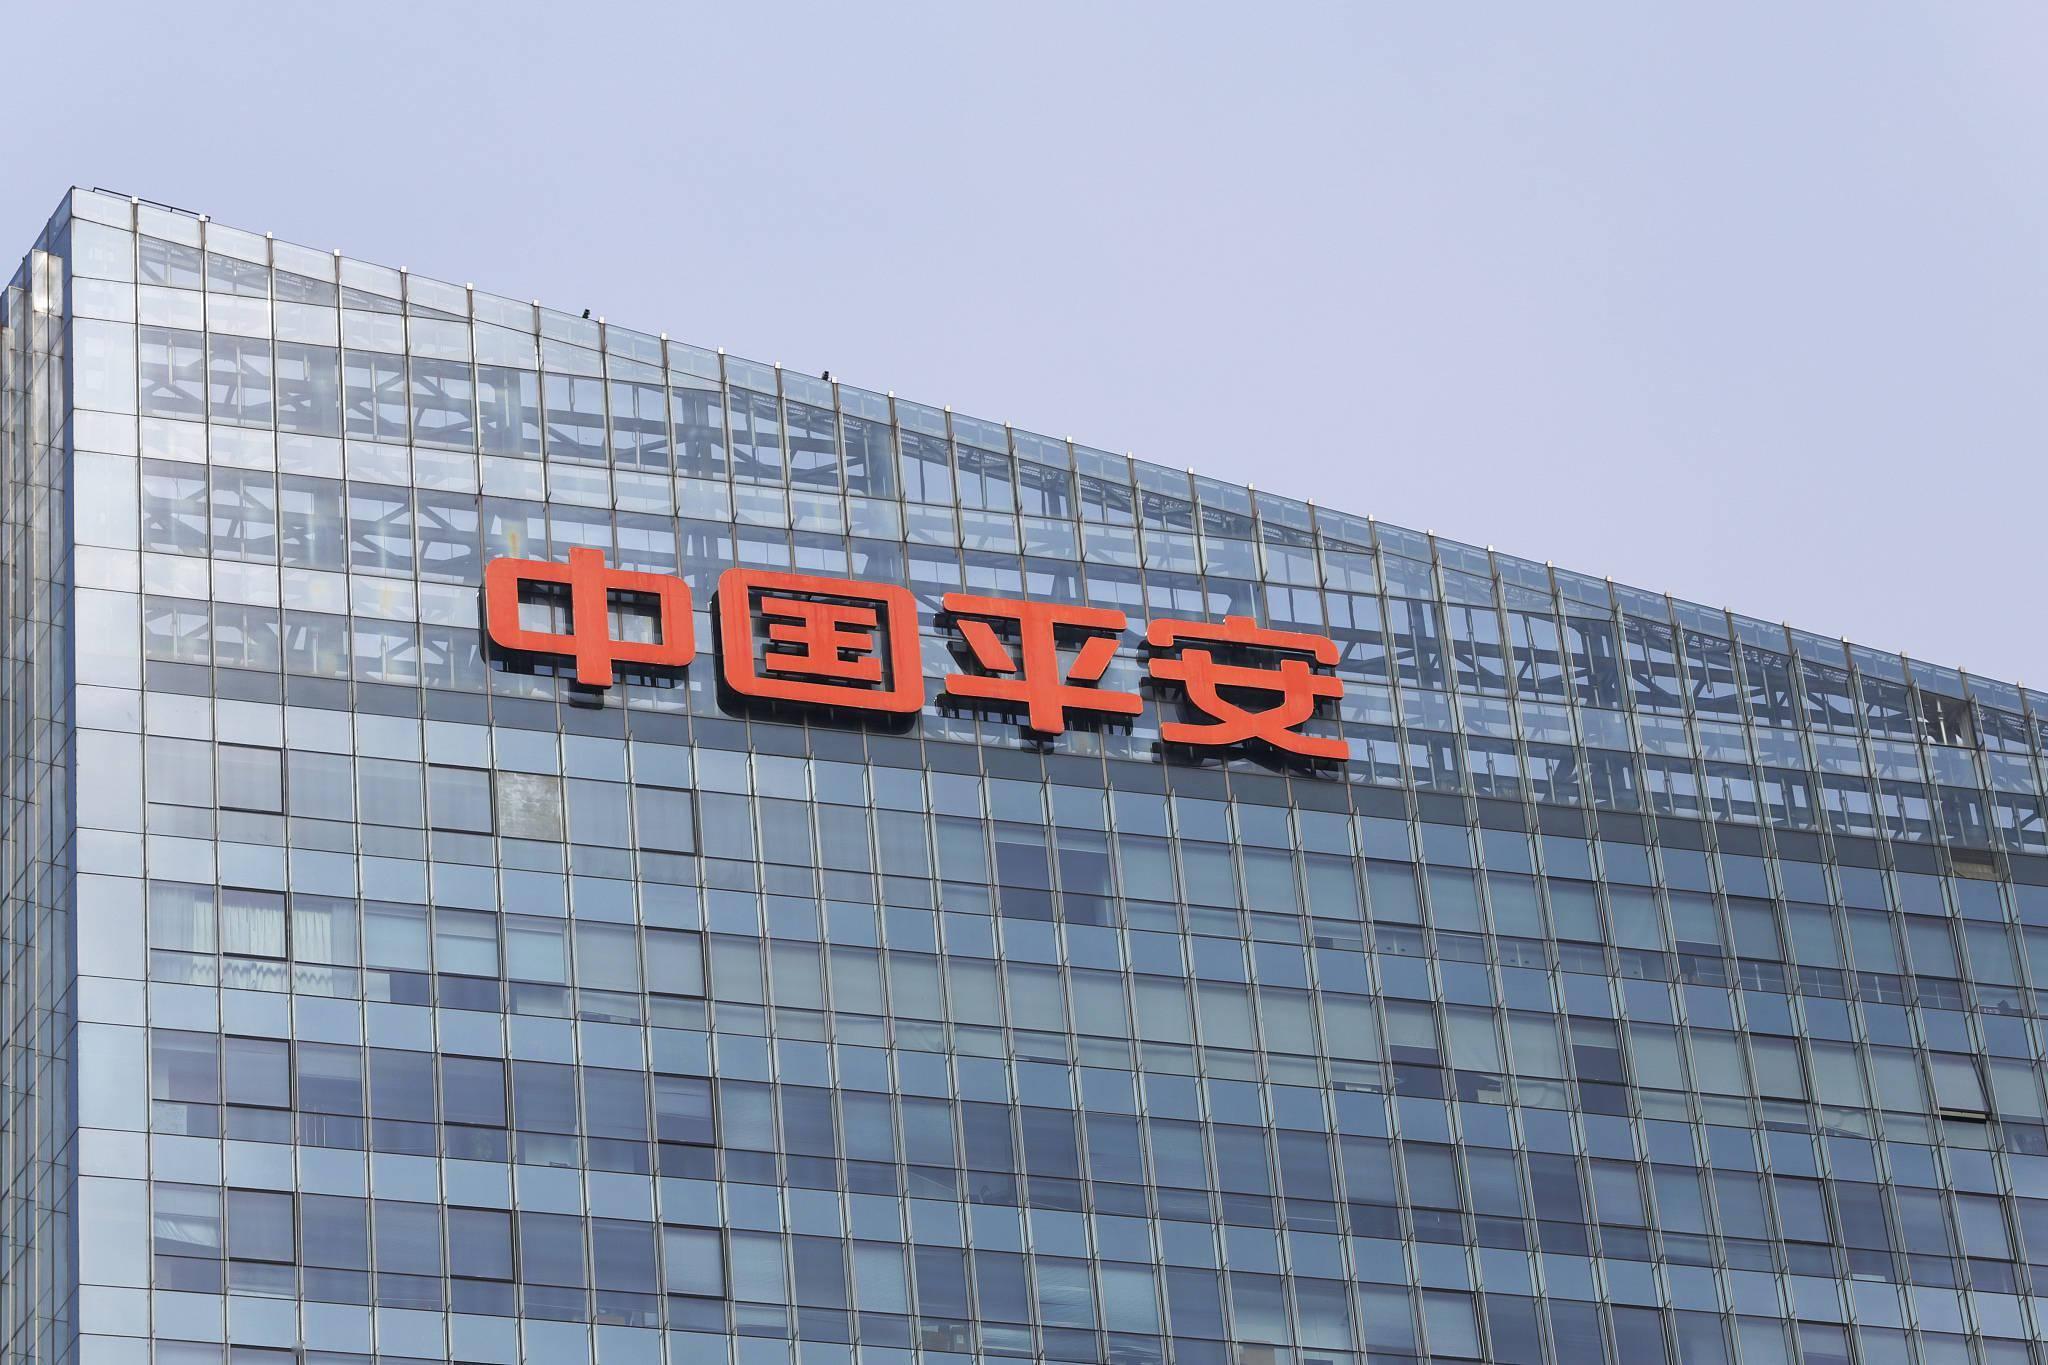 中国平安是个什么公司,国企还是外企?